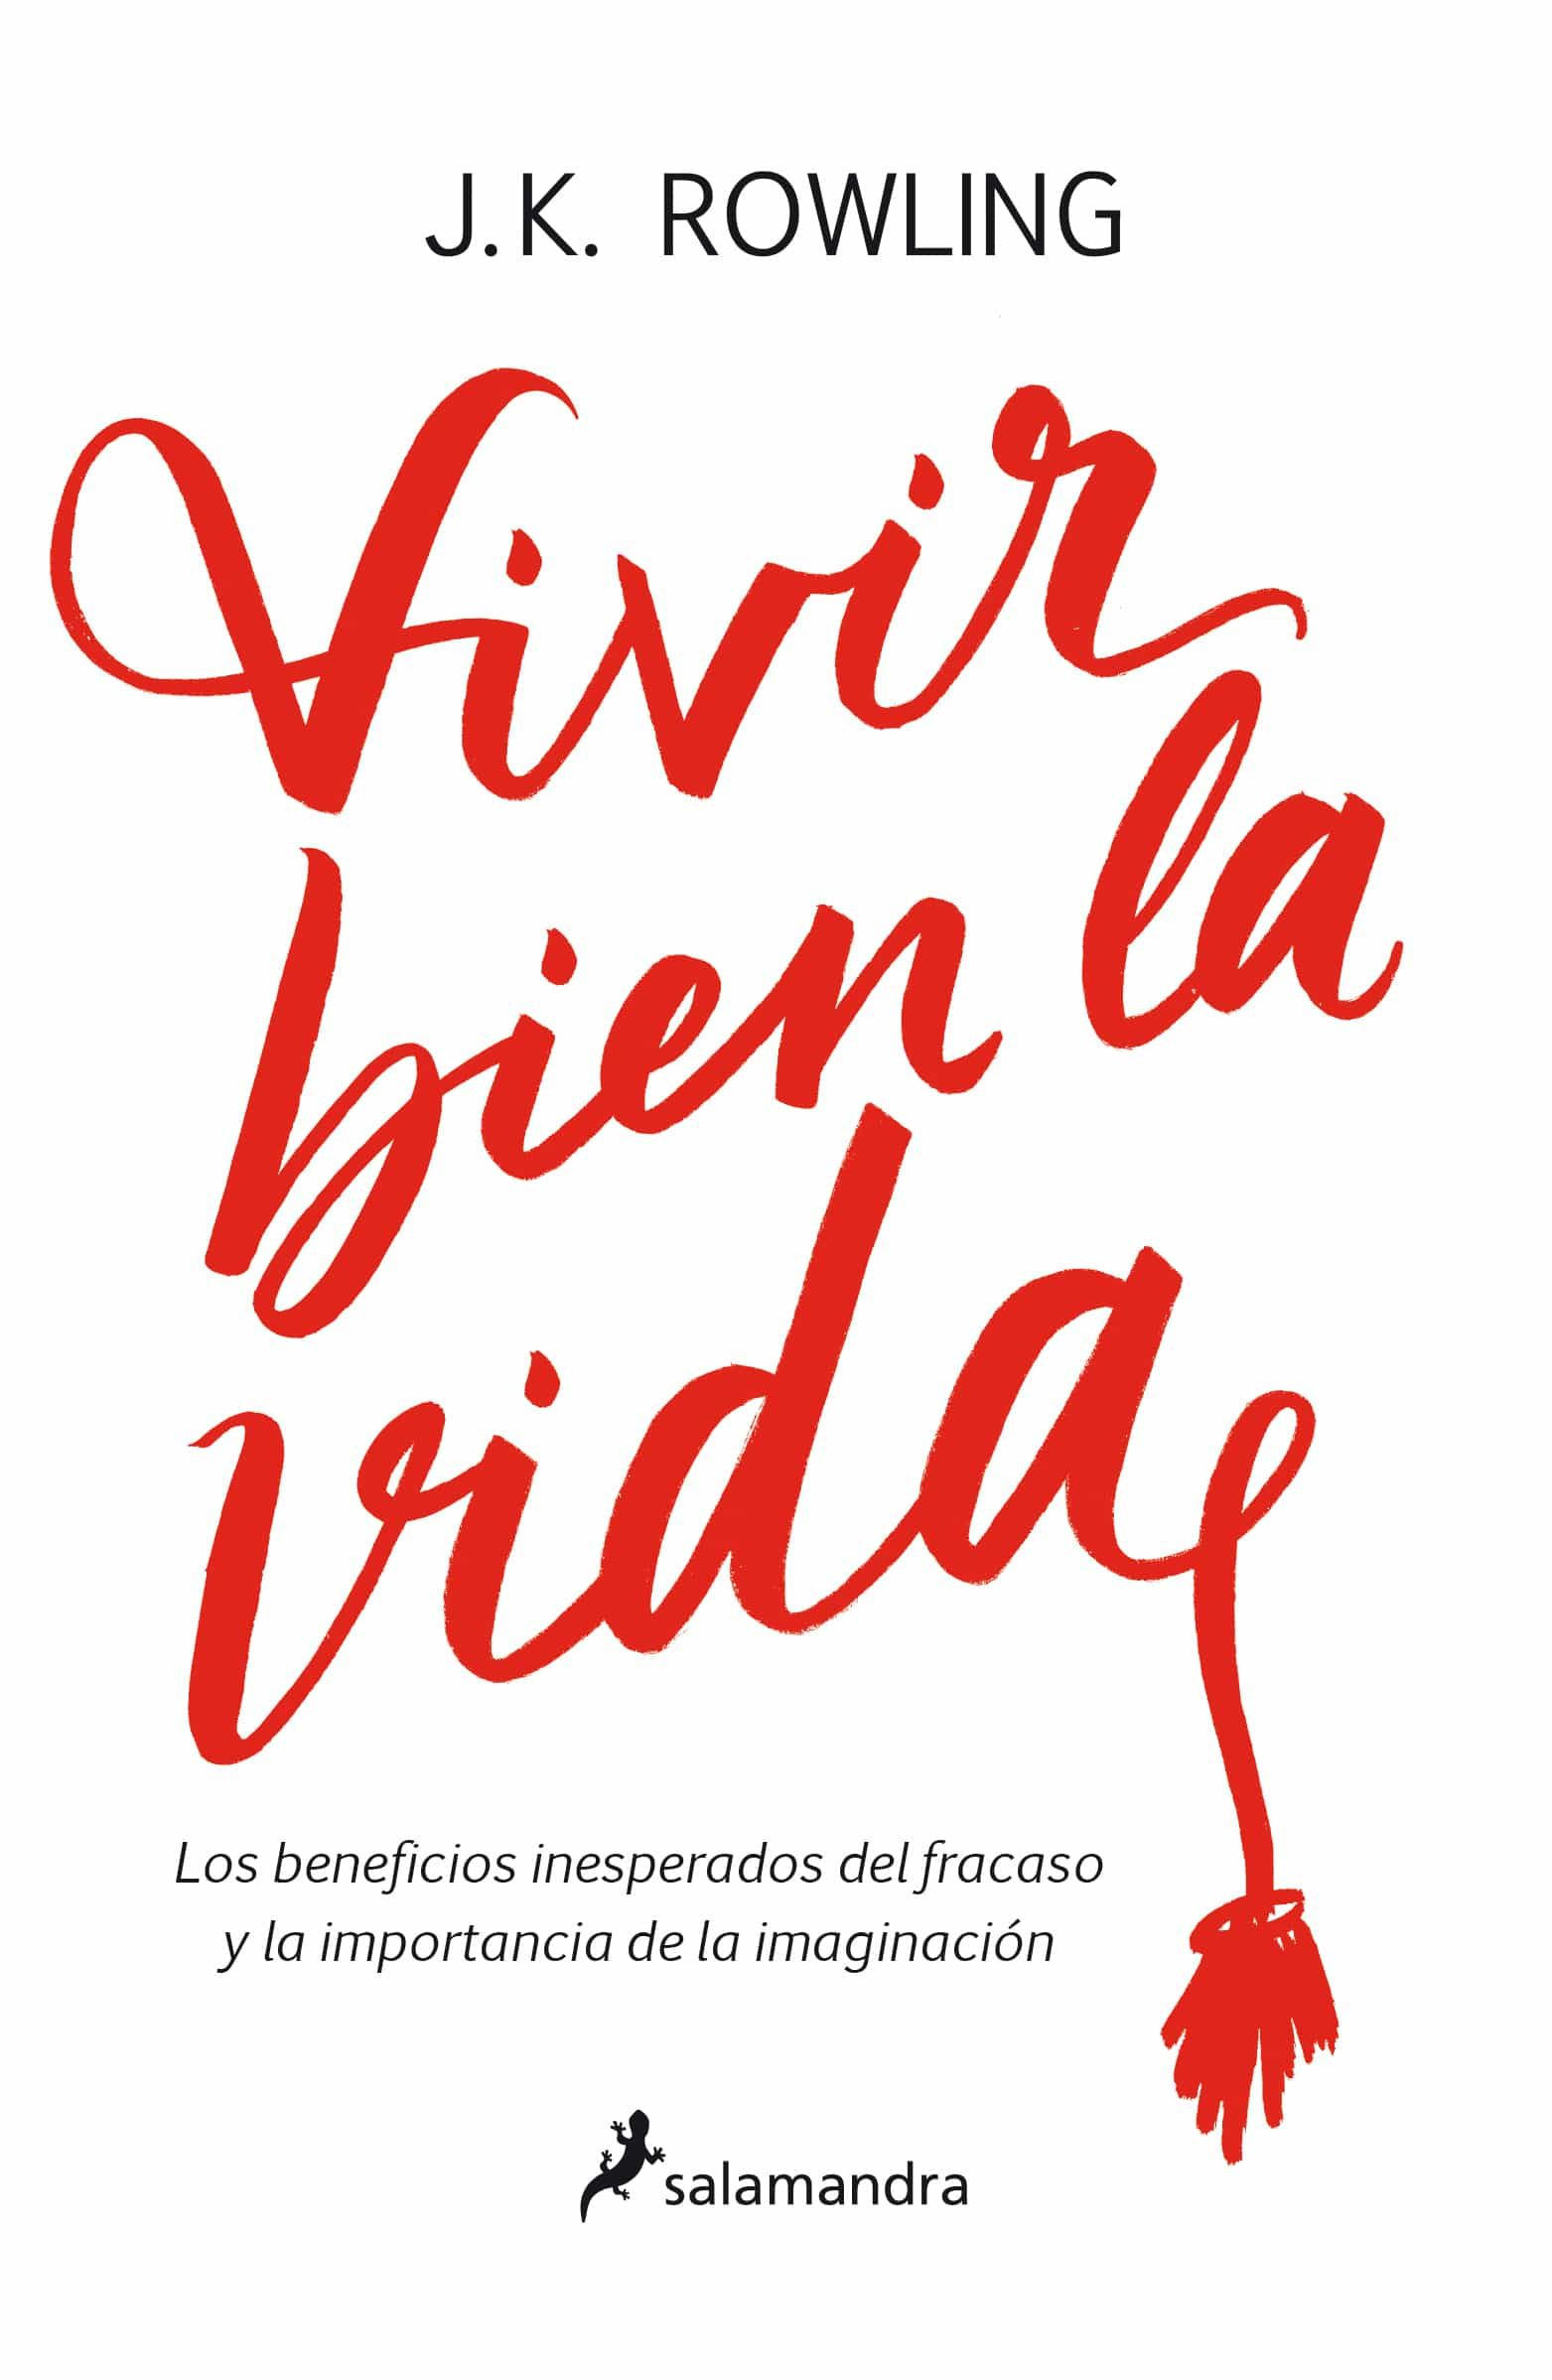 Resultado de imagen de libro VIVIR BIEN LA VIDA: LOS BENEFICIOS INESPERADOS DEL FRACASO Y LA IMPORTANCIA DE LA IMAGINACION